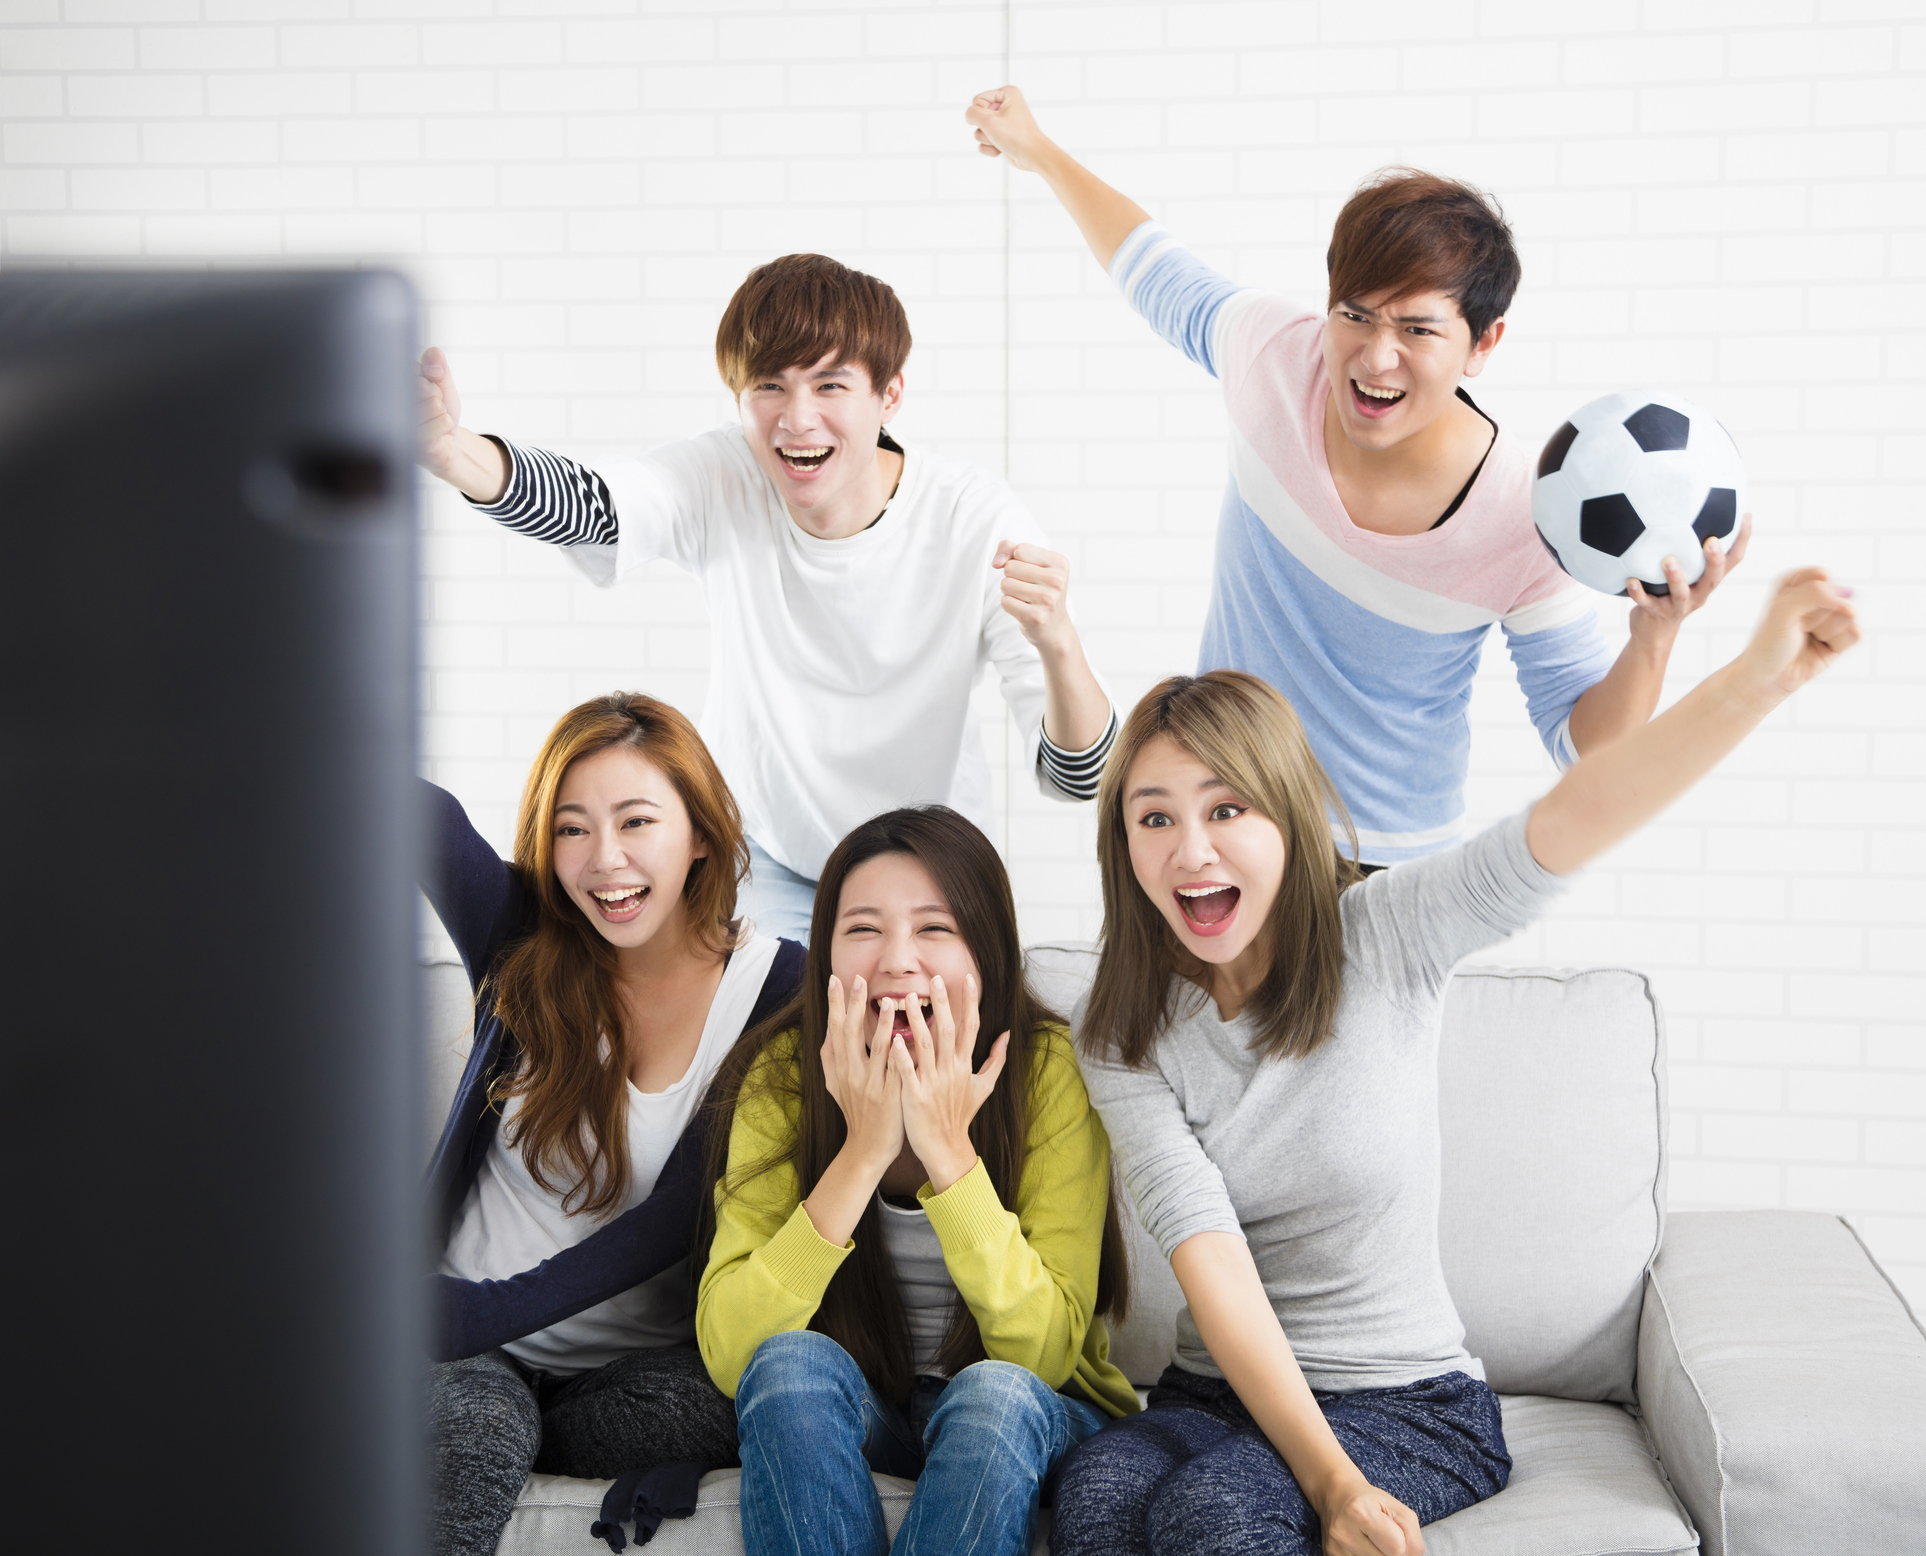 Fußball zu Hause gucken